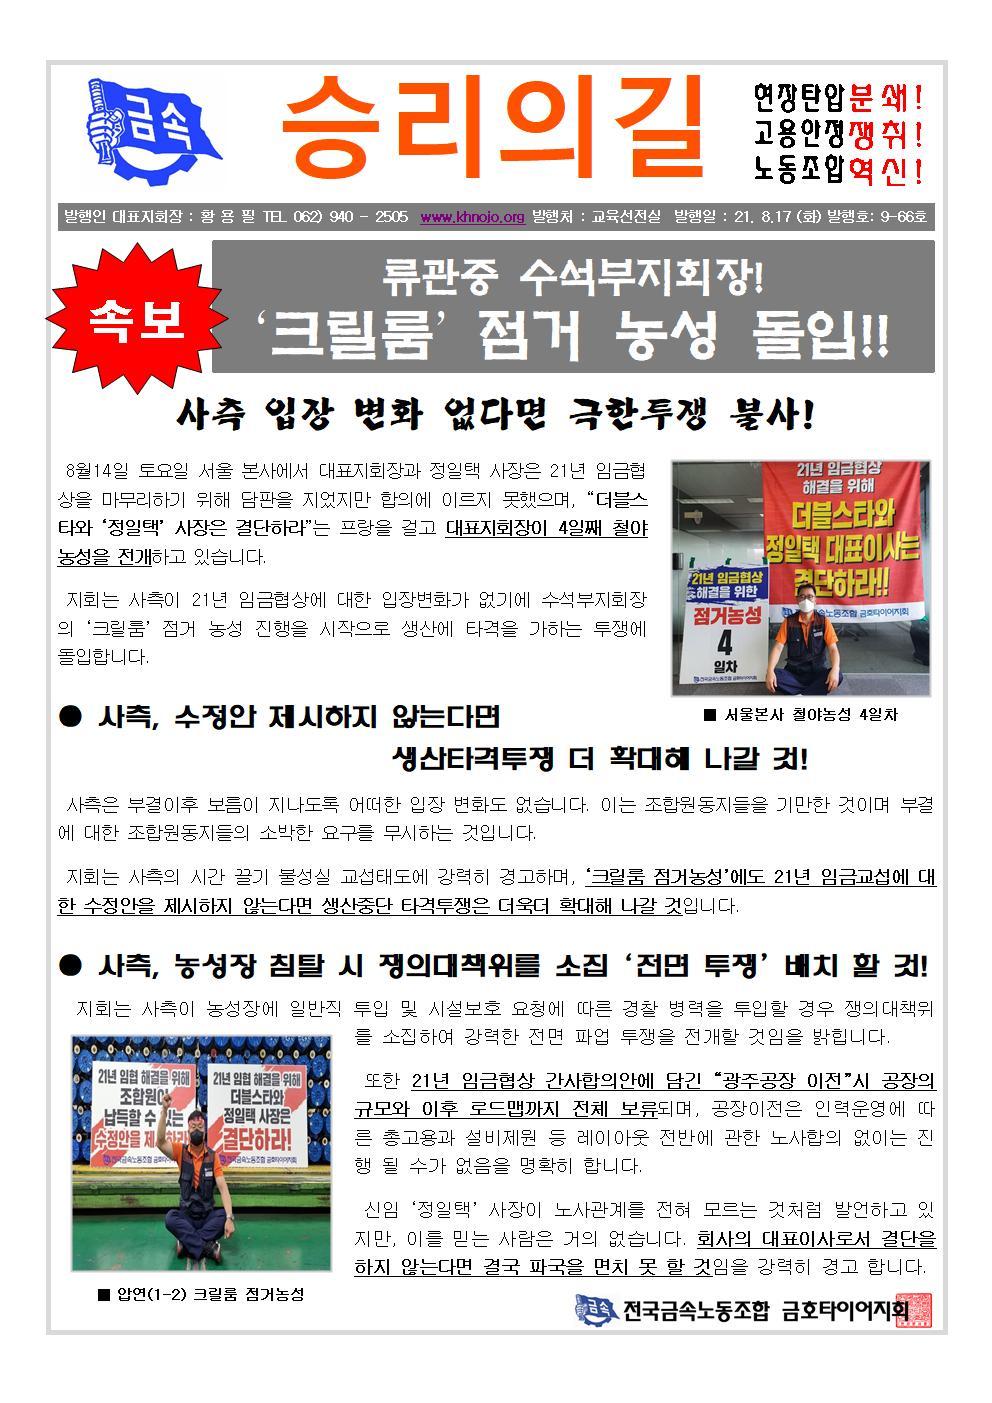 승리의길 9-66호 상근자 현장 투쟁 확정001.jpg